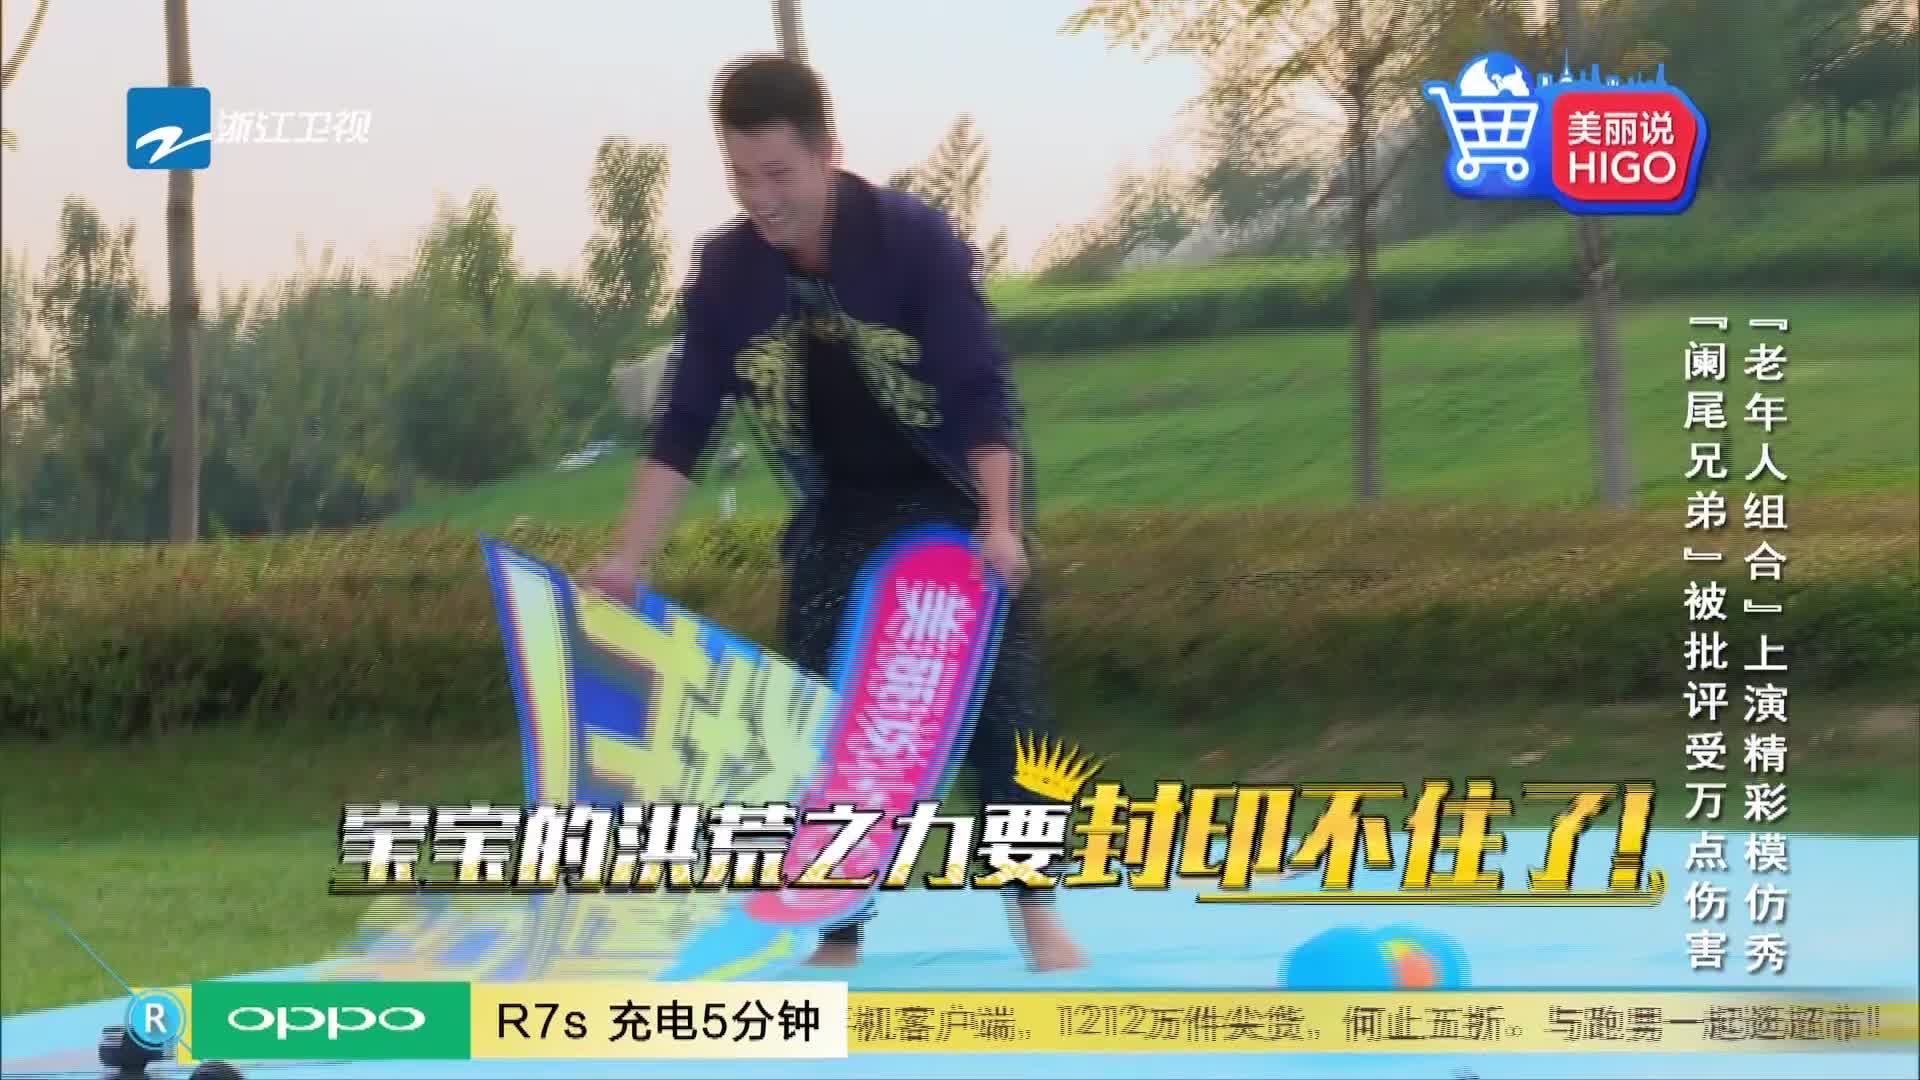 邓超和李晨学陈赫跑步,姿势众人都笑翻了,陈赫怒换大锤子!